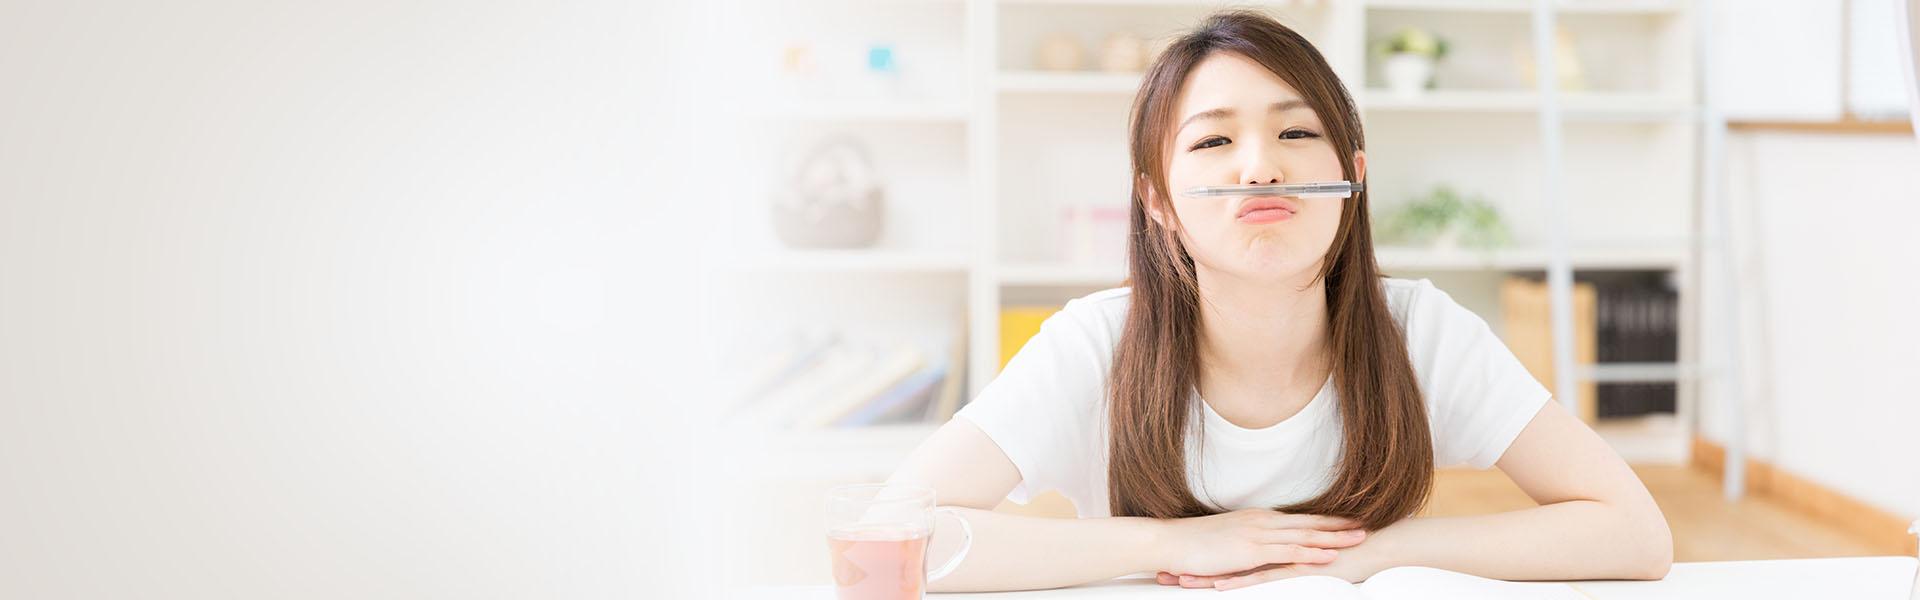 Comment Dire Bonjour En Japonais avec Bonjour Japonnais